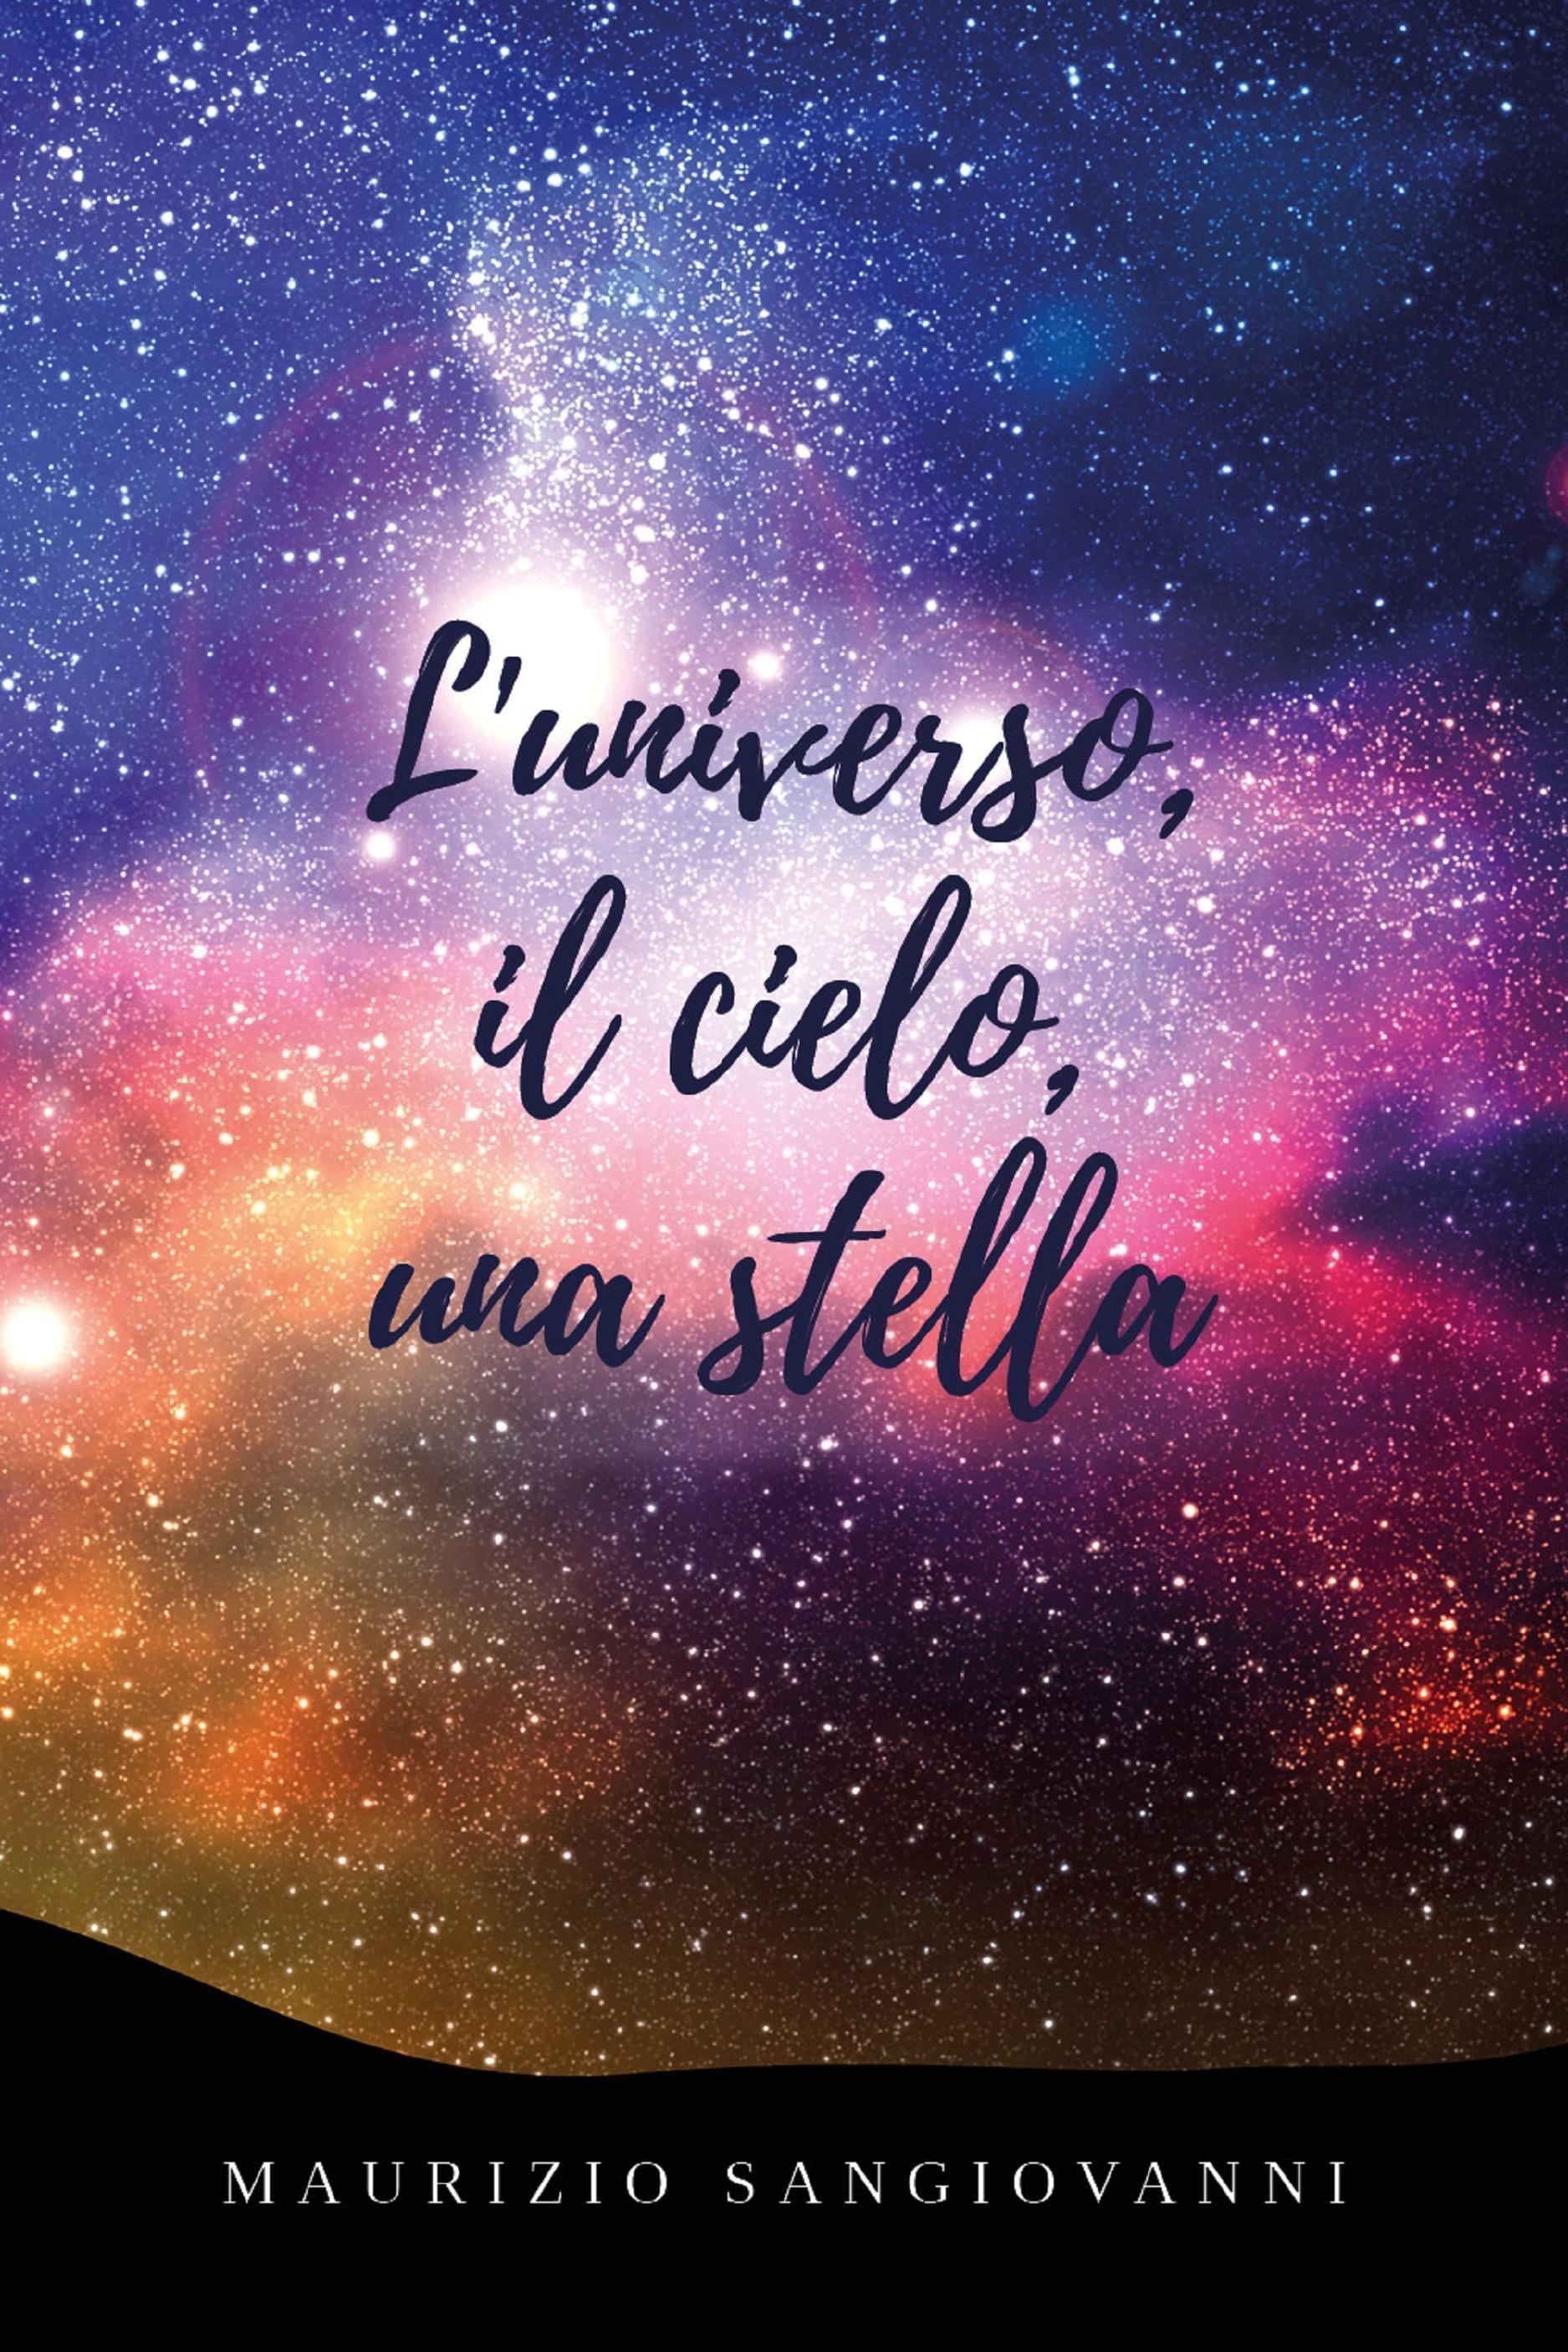 L'universo, il cielo, una stella